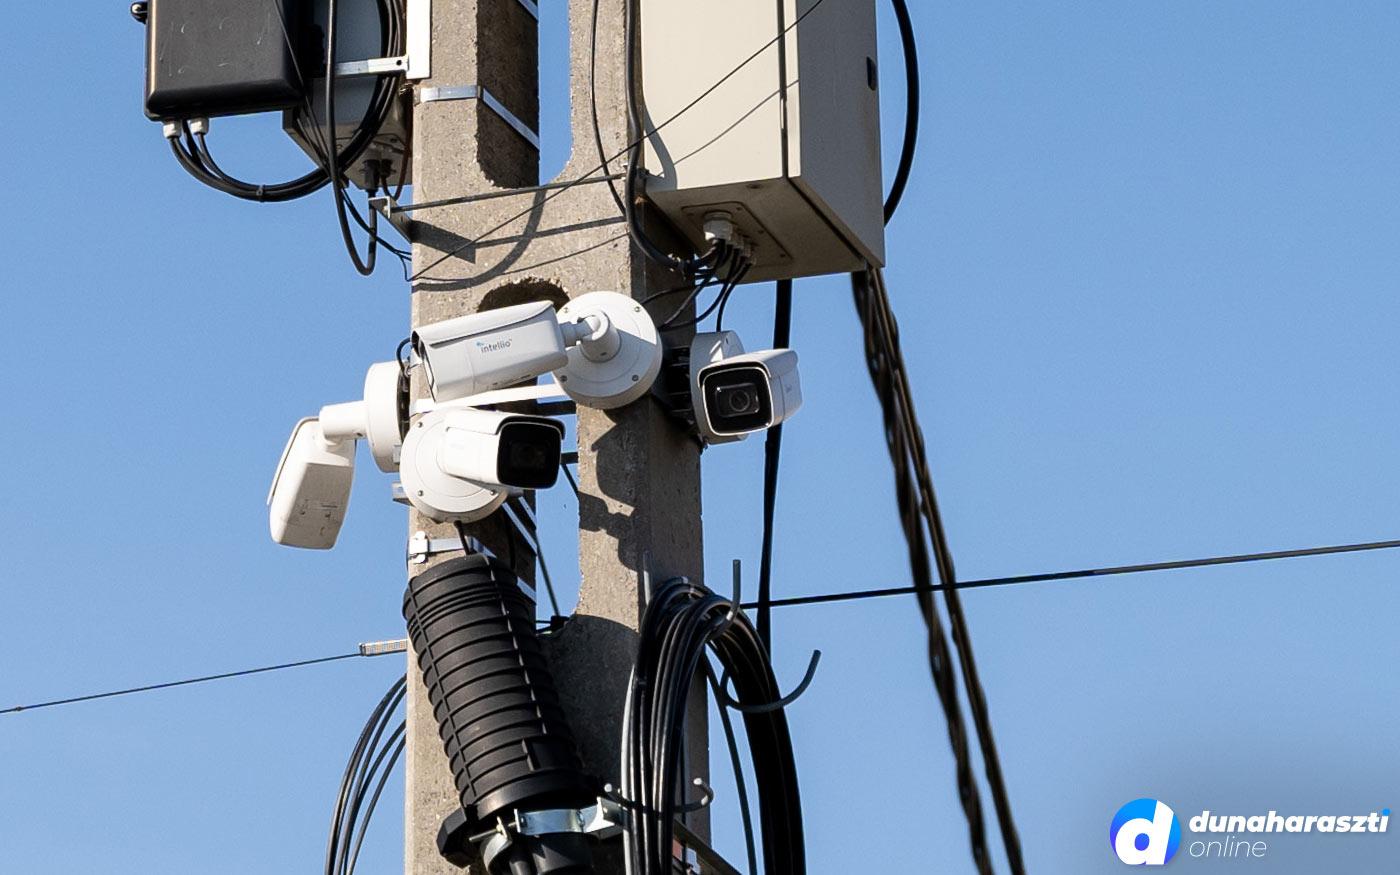 Kamerarendszer növeli Dunaharaszti biztonságát – itt vannak a helyszínek